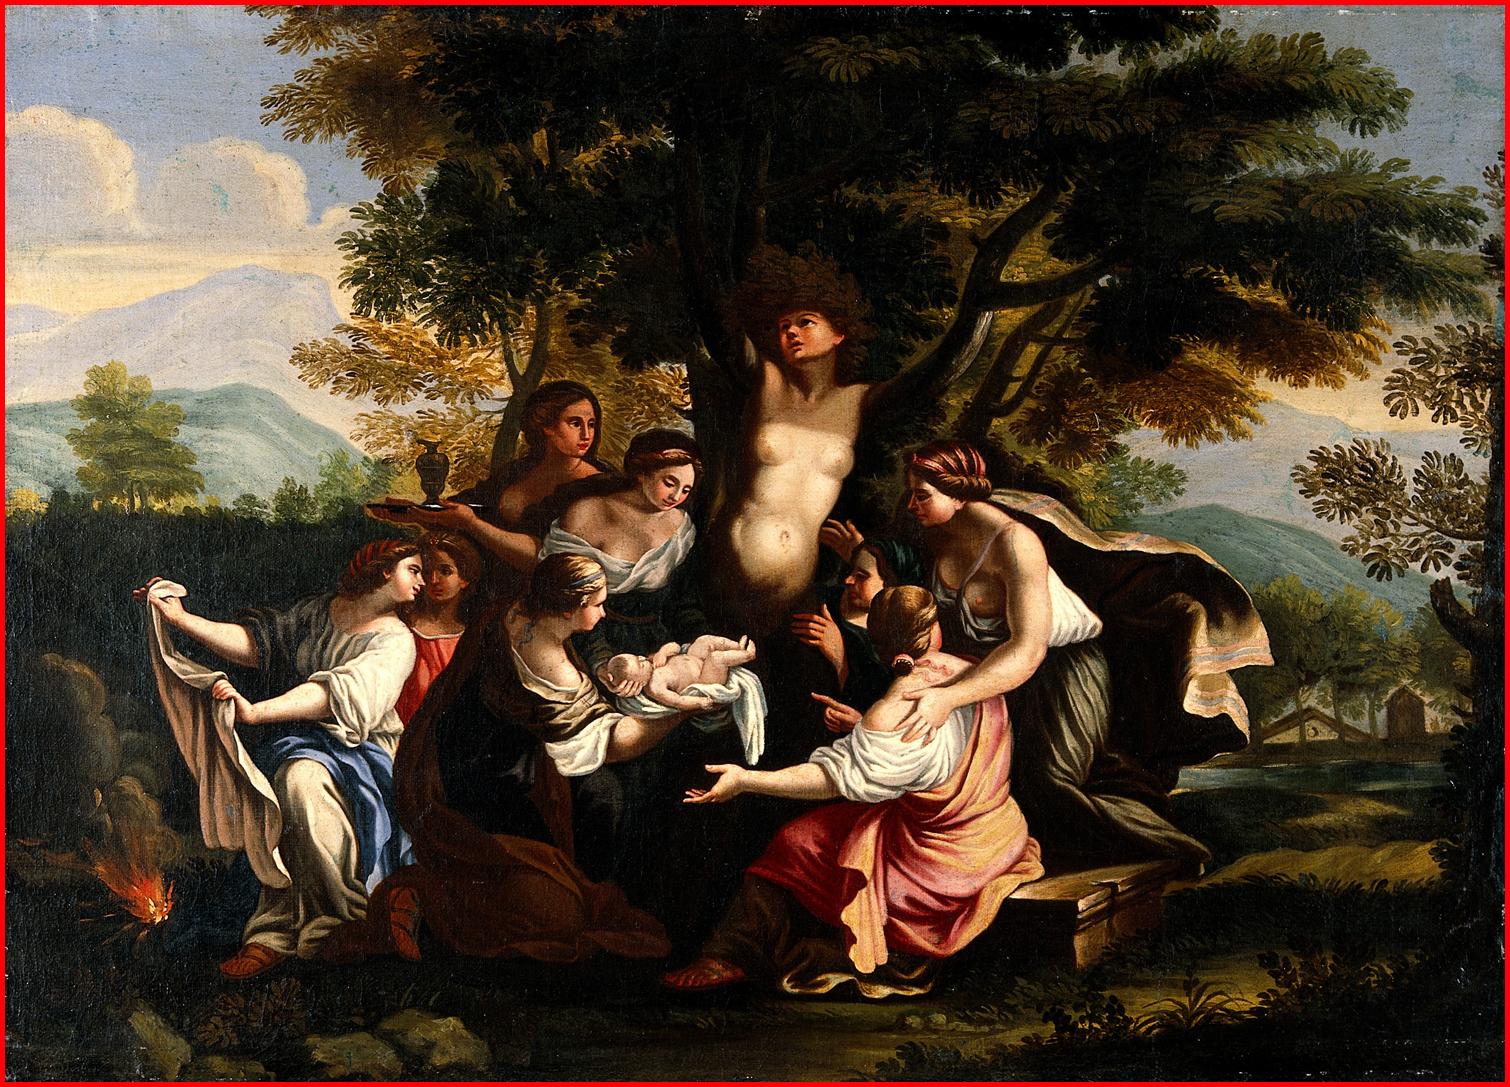 Natività, iconografia The_birth_of_Adonis_and_the_transformation_of_Myrrhariquadrata._Oil_pa_Wellcome_V0017239